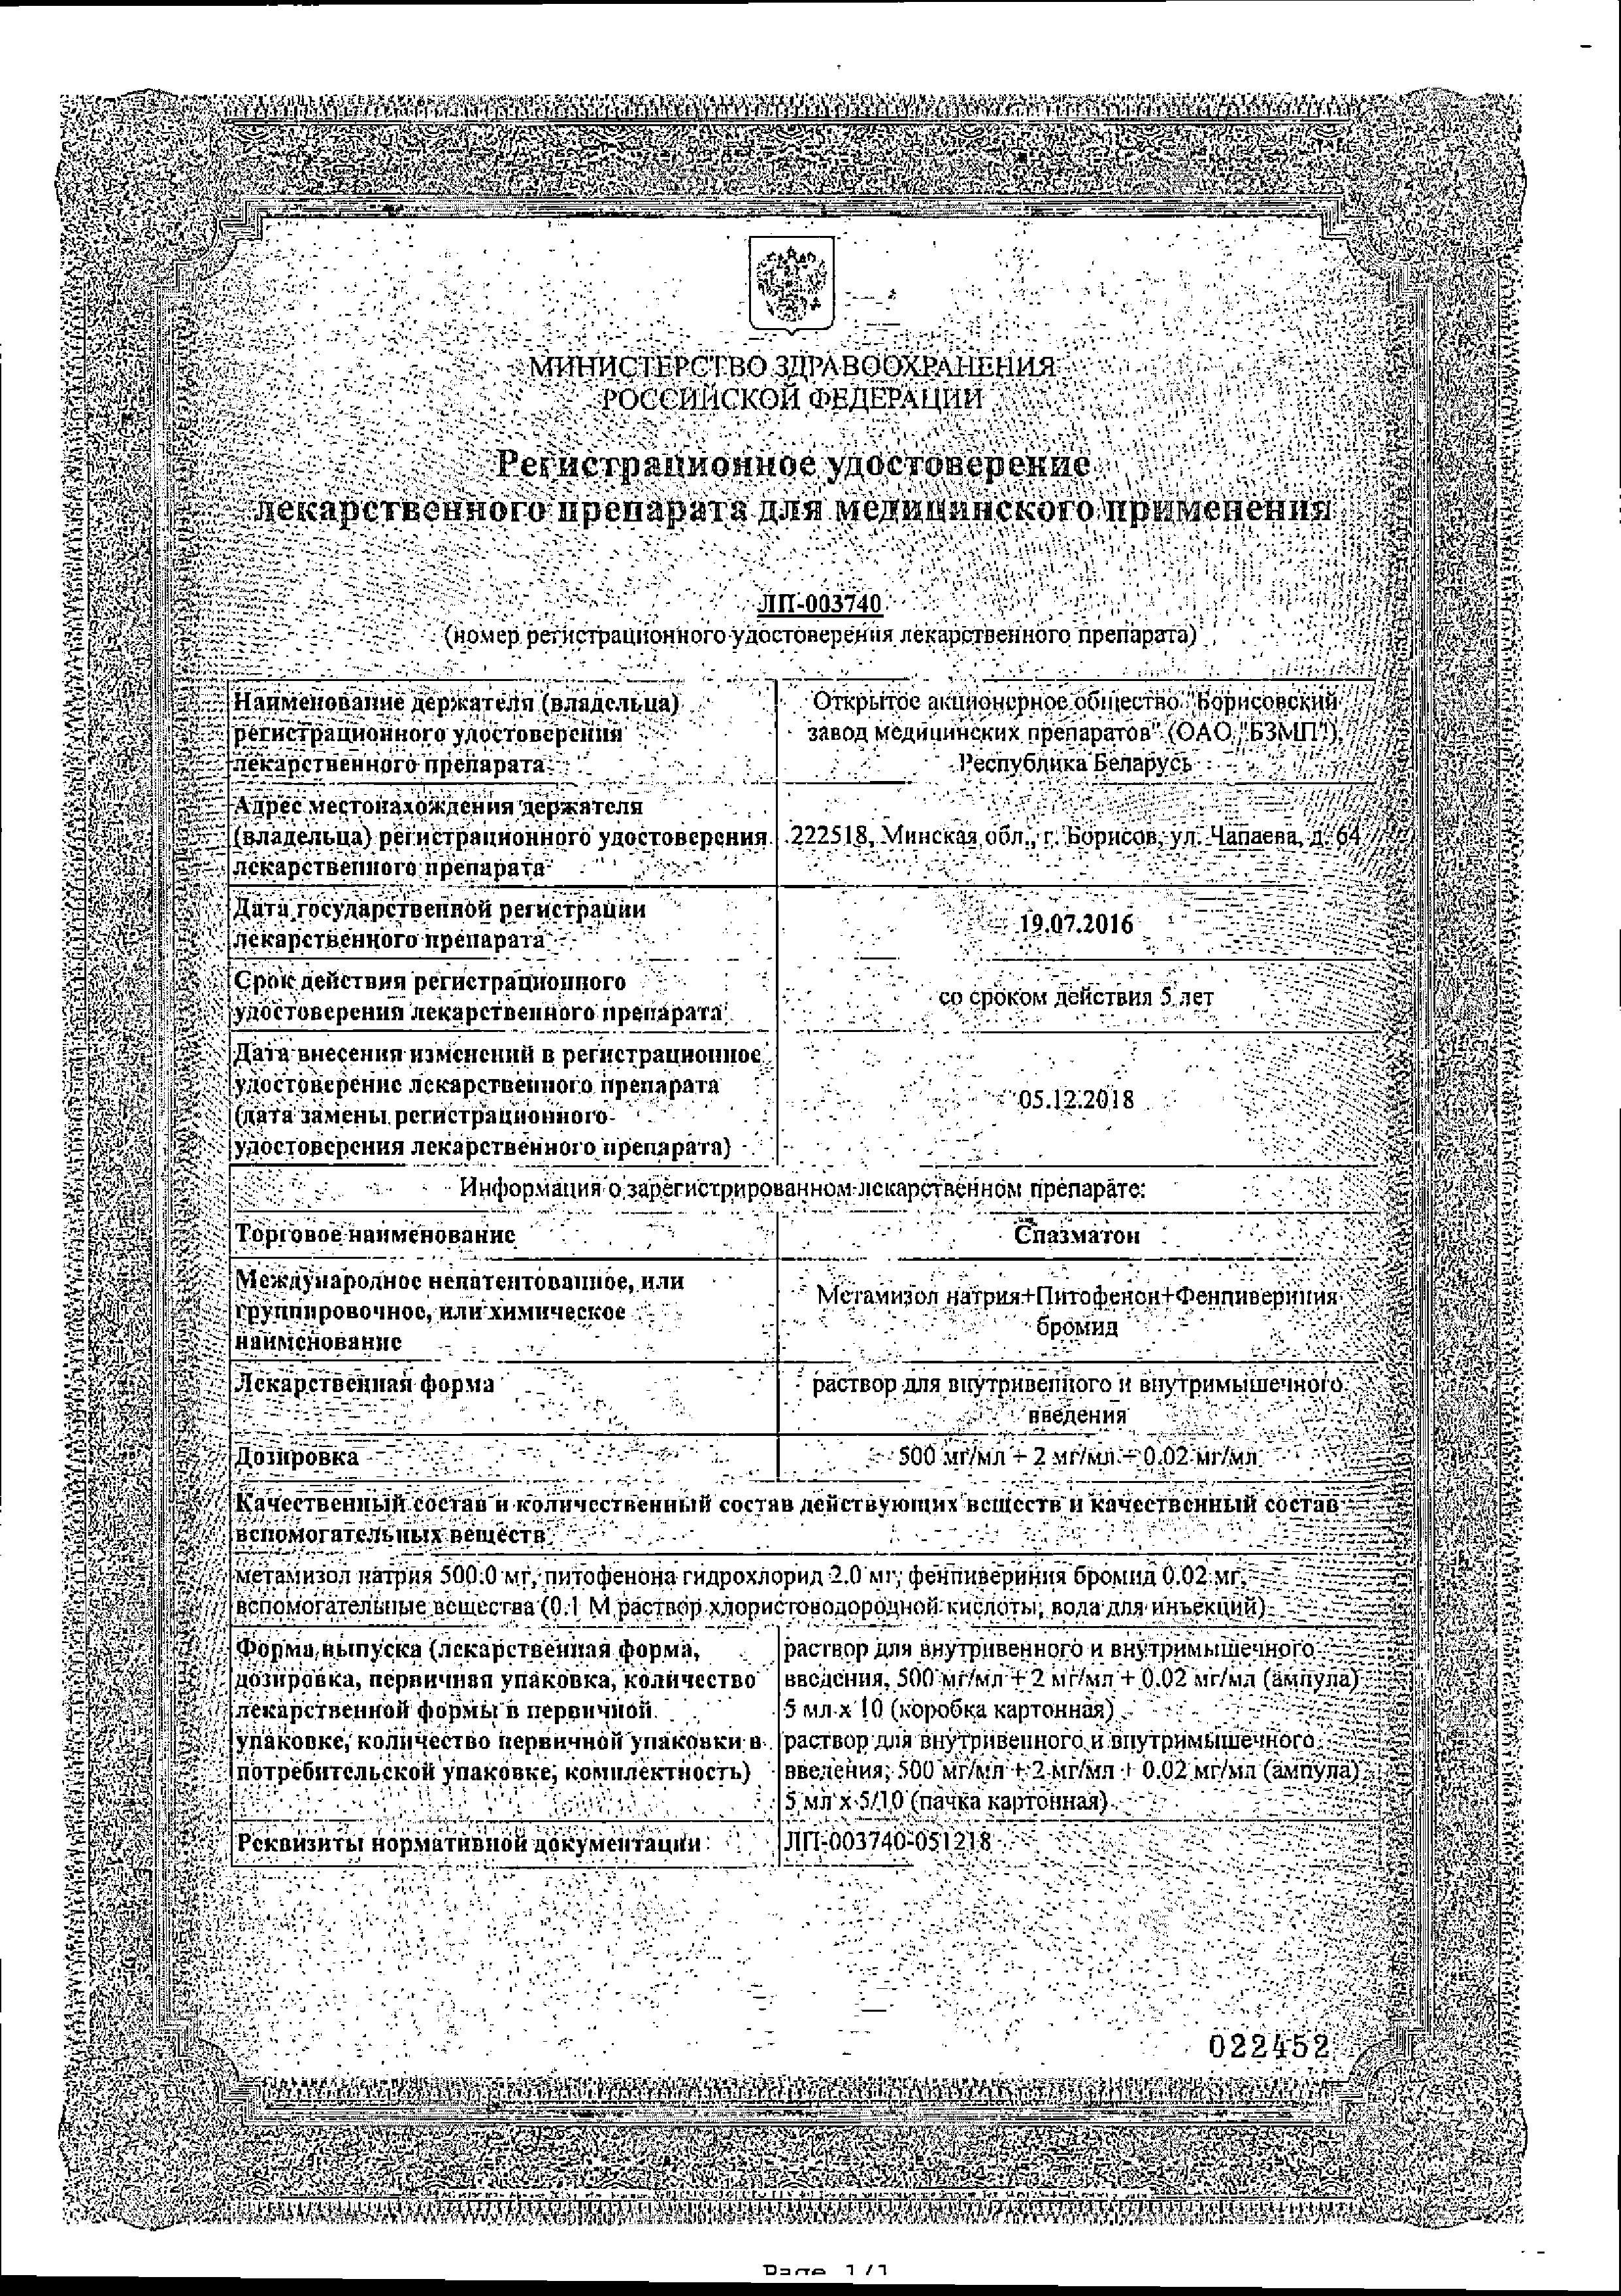 Спазмалгон: инструкция по применению, аналоги и отзывы, цены в аптеках россии